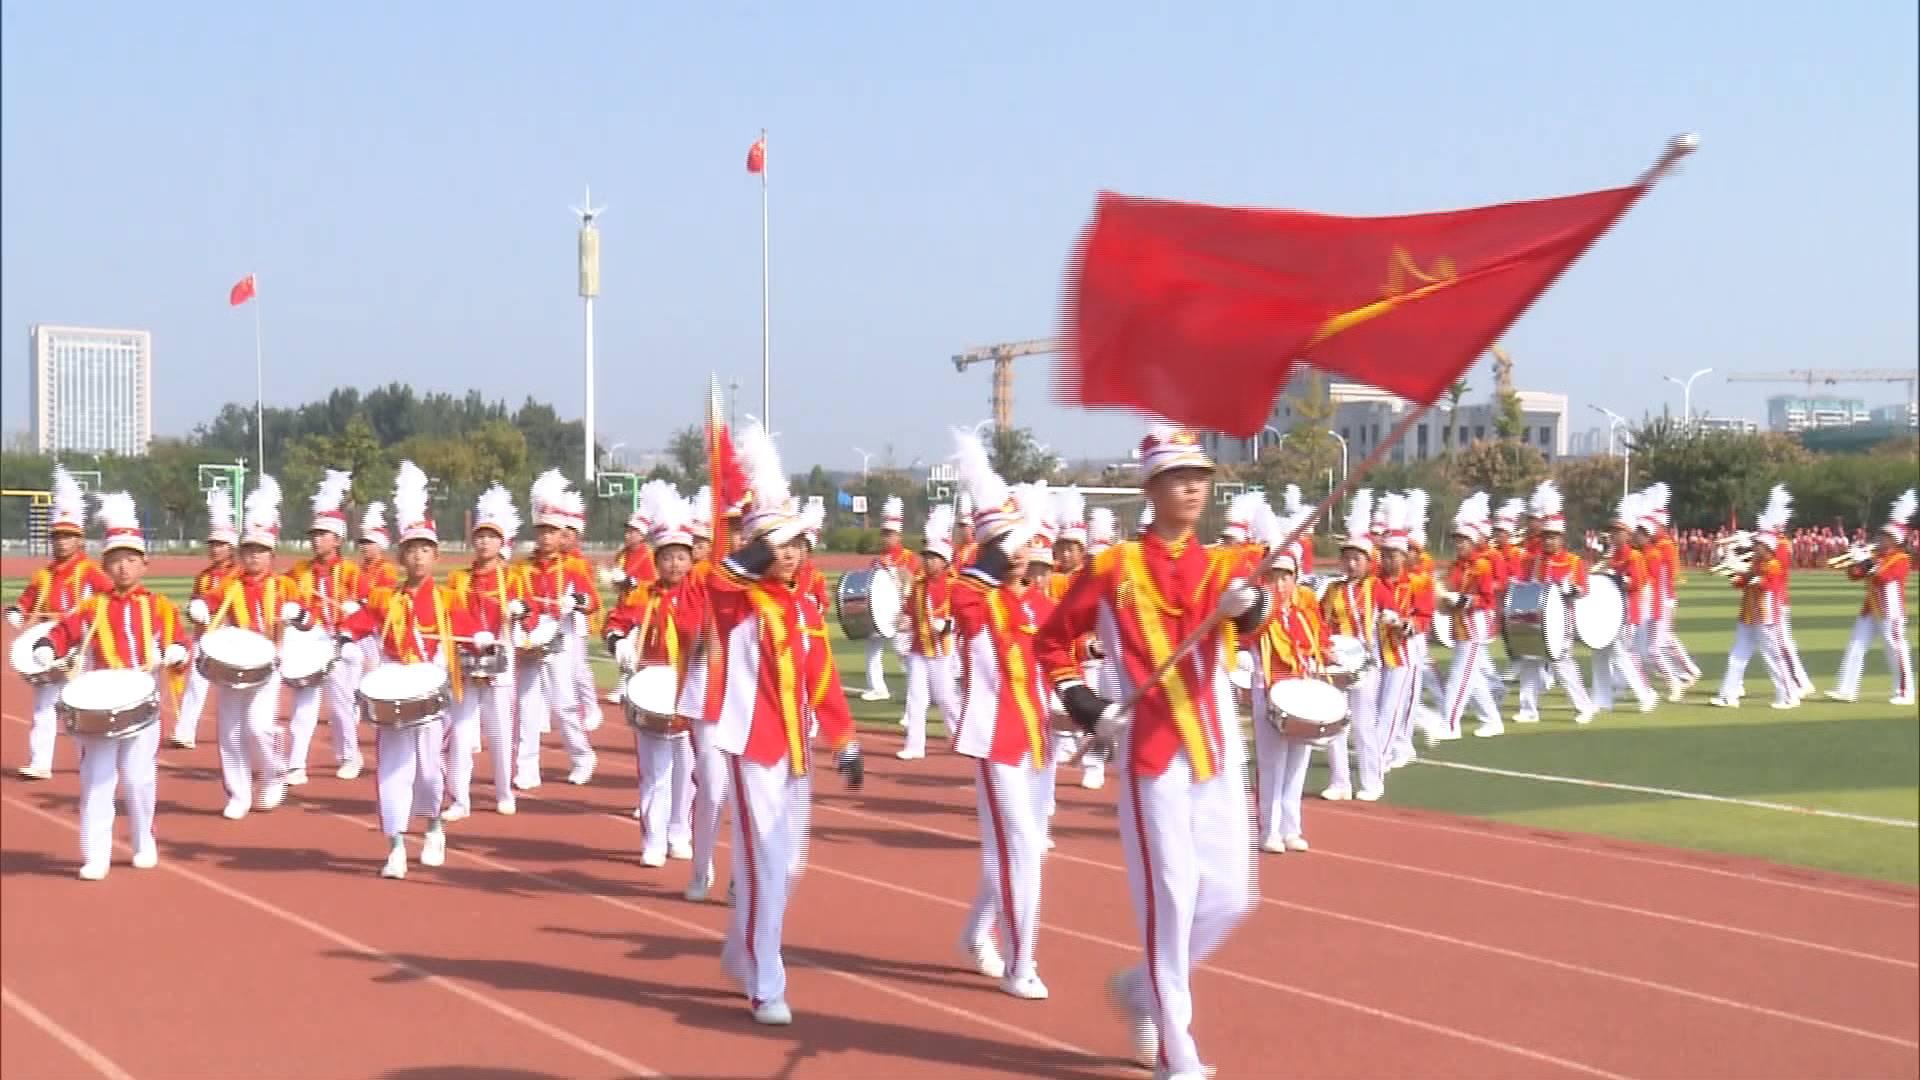 59秒丨山东省纪念少先队建队70周年鼓号操大赛(淄博赛区)举行